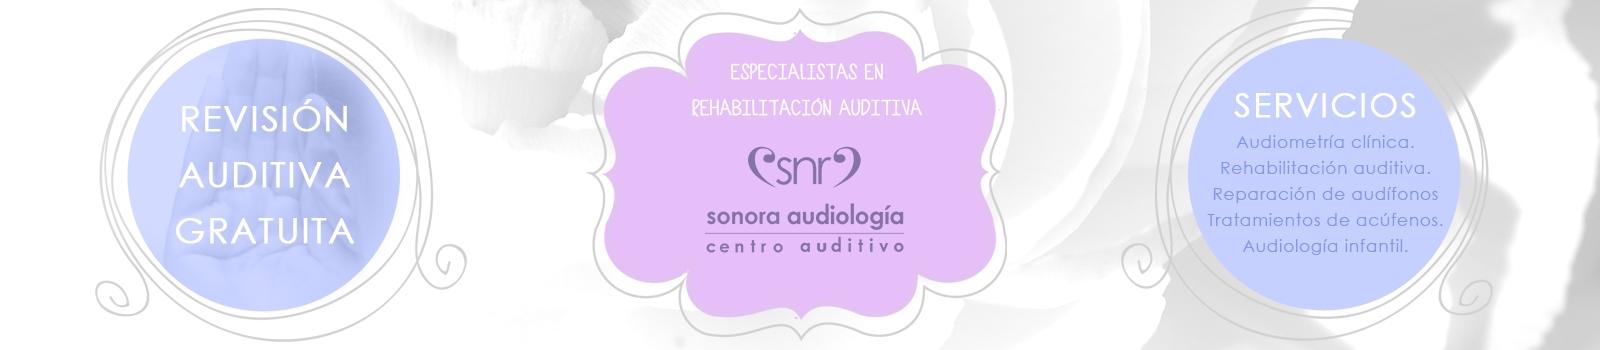 CENTRO AUDITIVO VALLADOLID,audiologia,audioprotesica,sonora audiologia